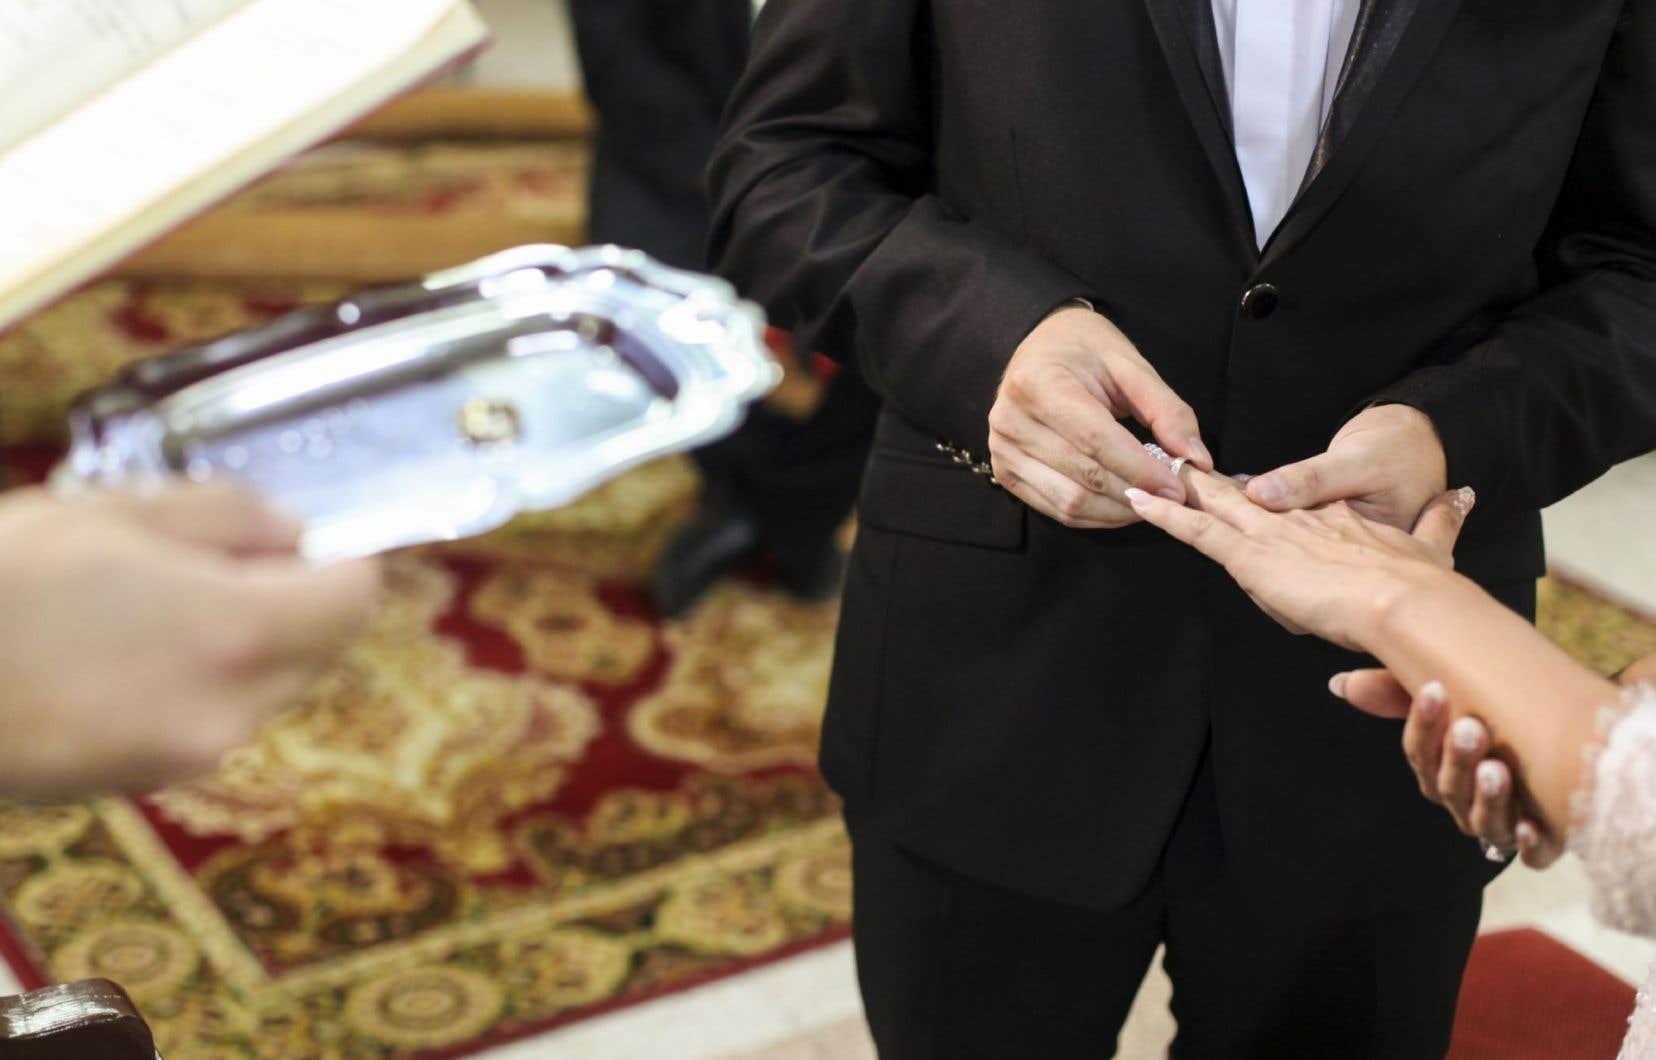 Selon la juge Alary, le nouveau Code civil entré en vigueur en 1994 permet de dissocier les dimensions religieuse et civile du mariage.